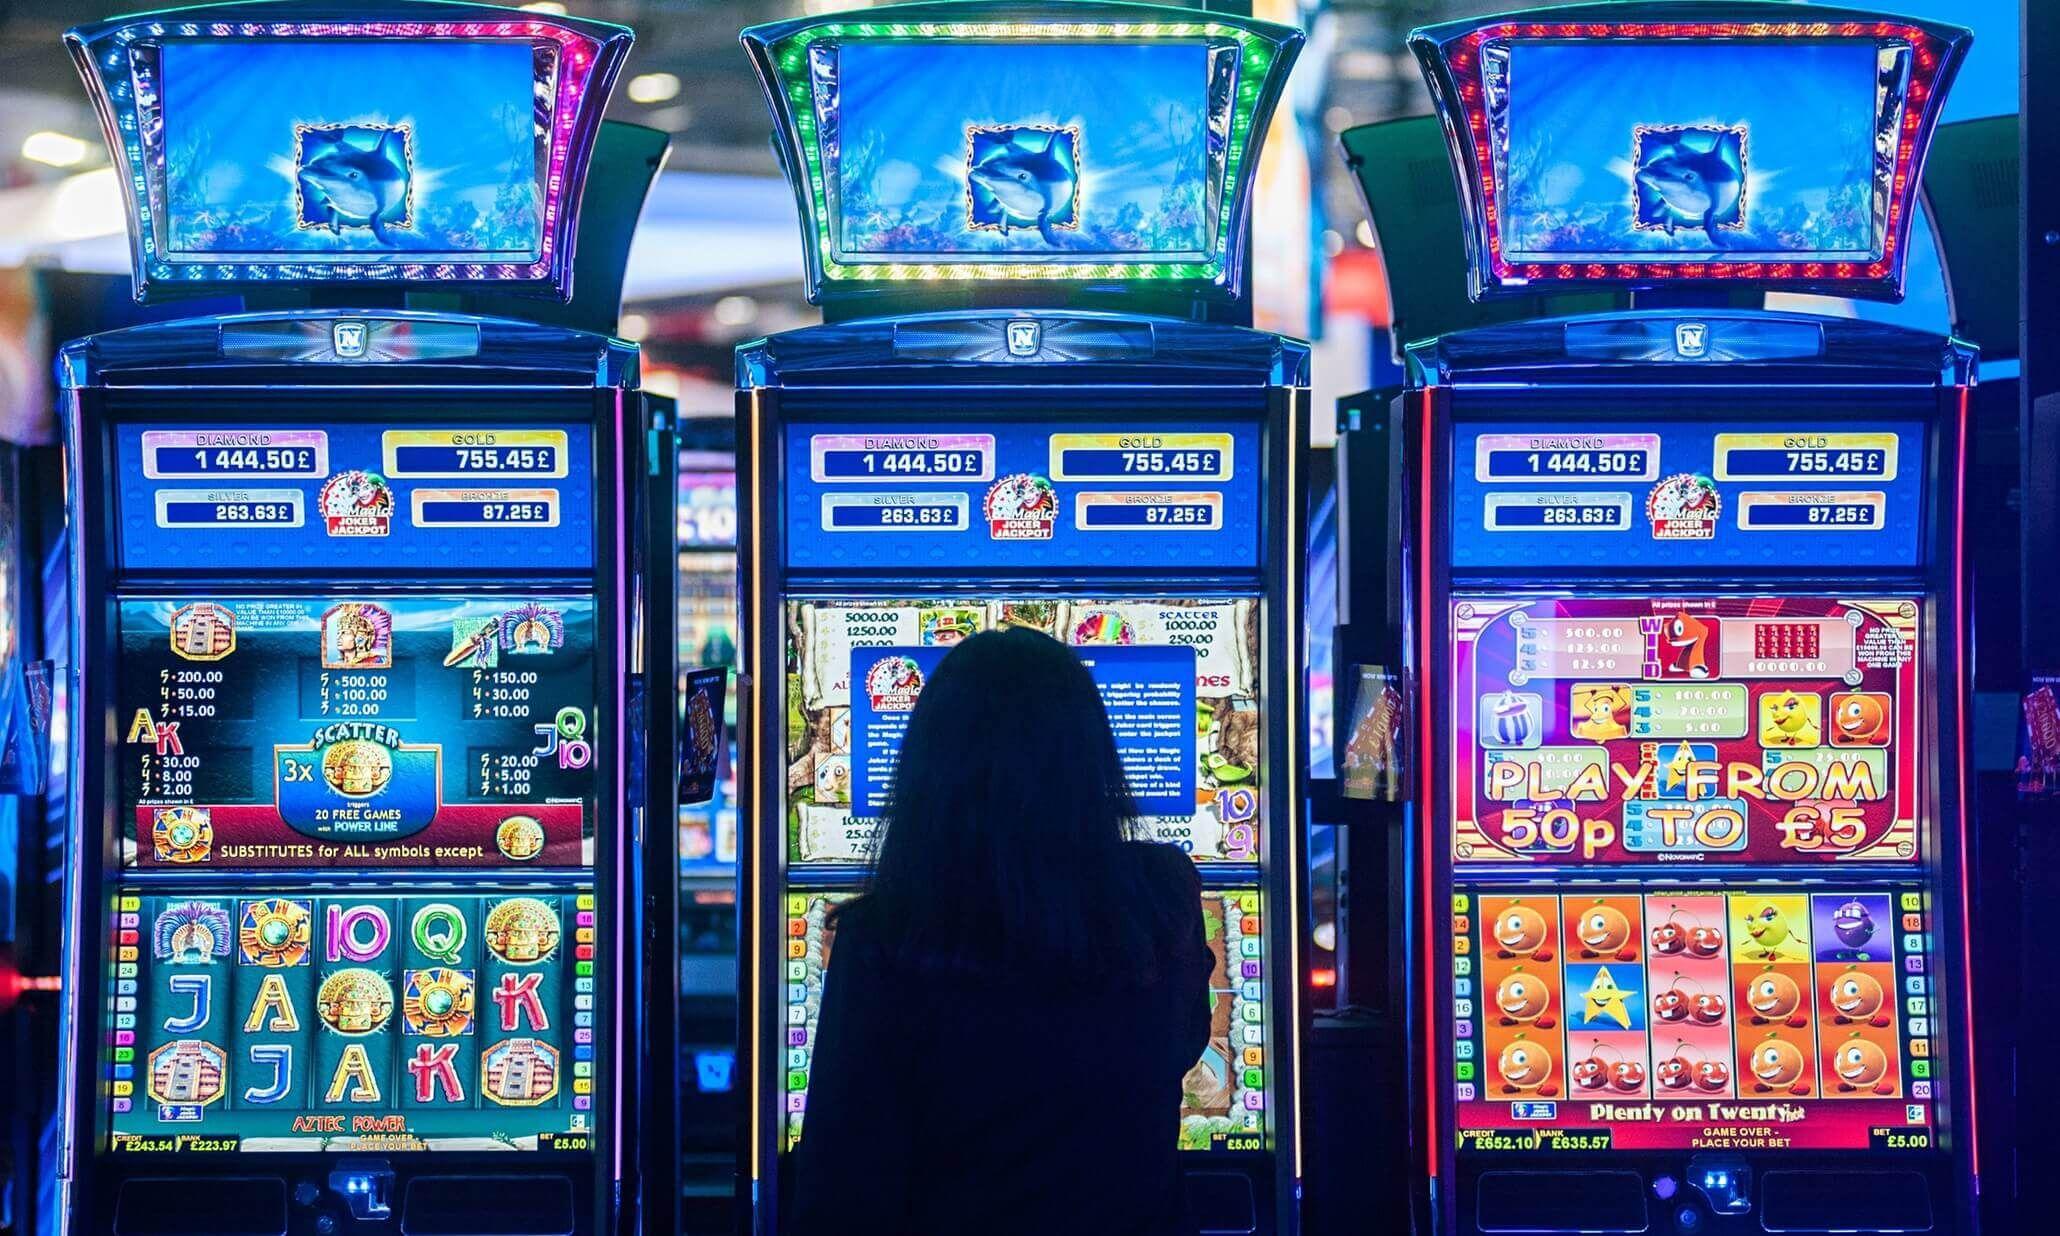 Вулкан чемпион игровые автоматы играть онлайн